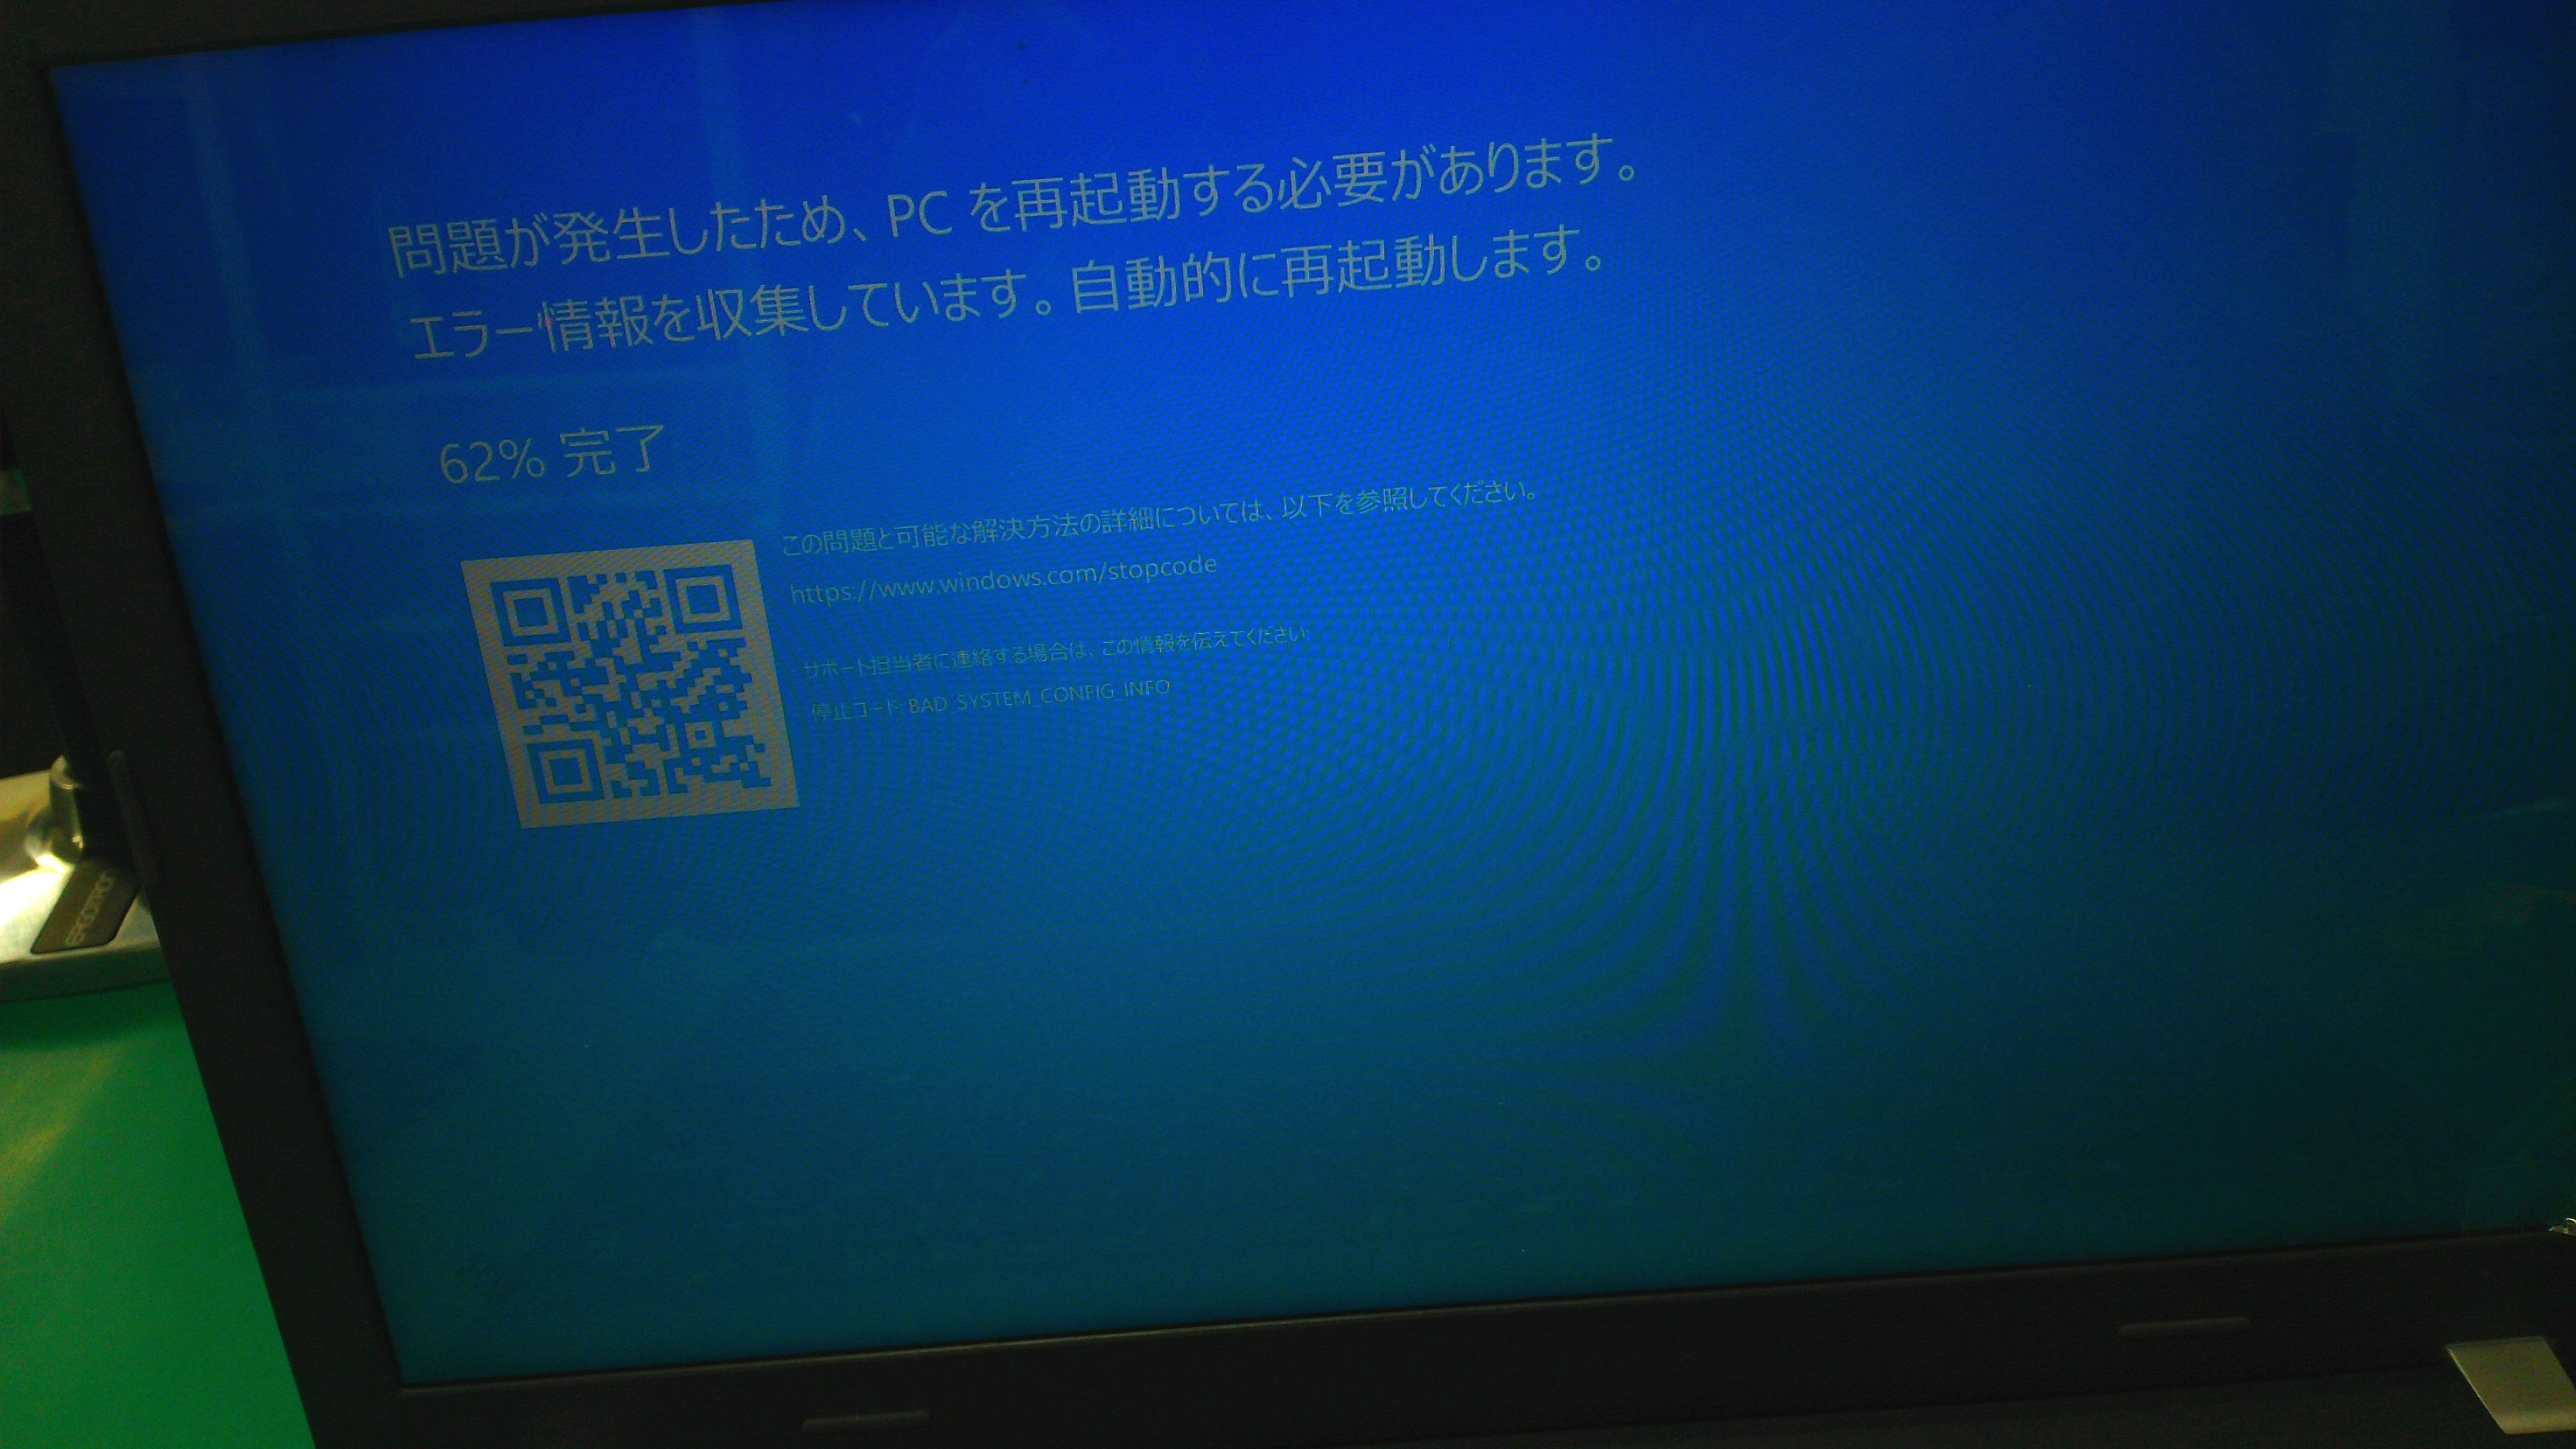 ブルー スクリーン windows10 Windows10でブルースクリーンのエラーが頻発する原因と対処法を解説!